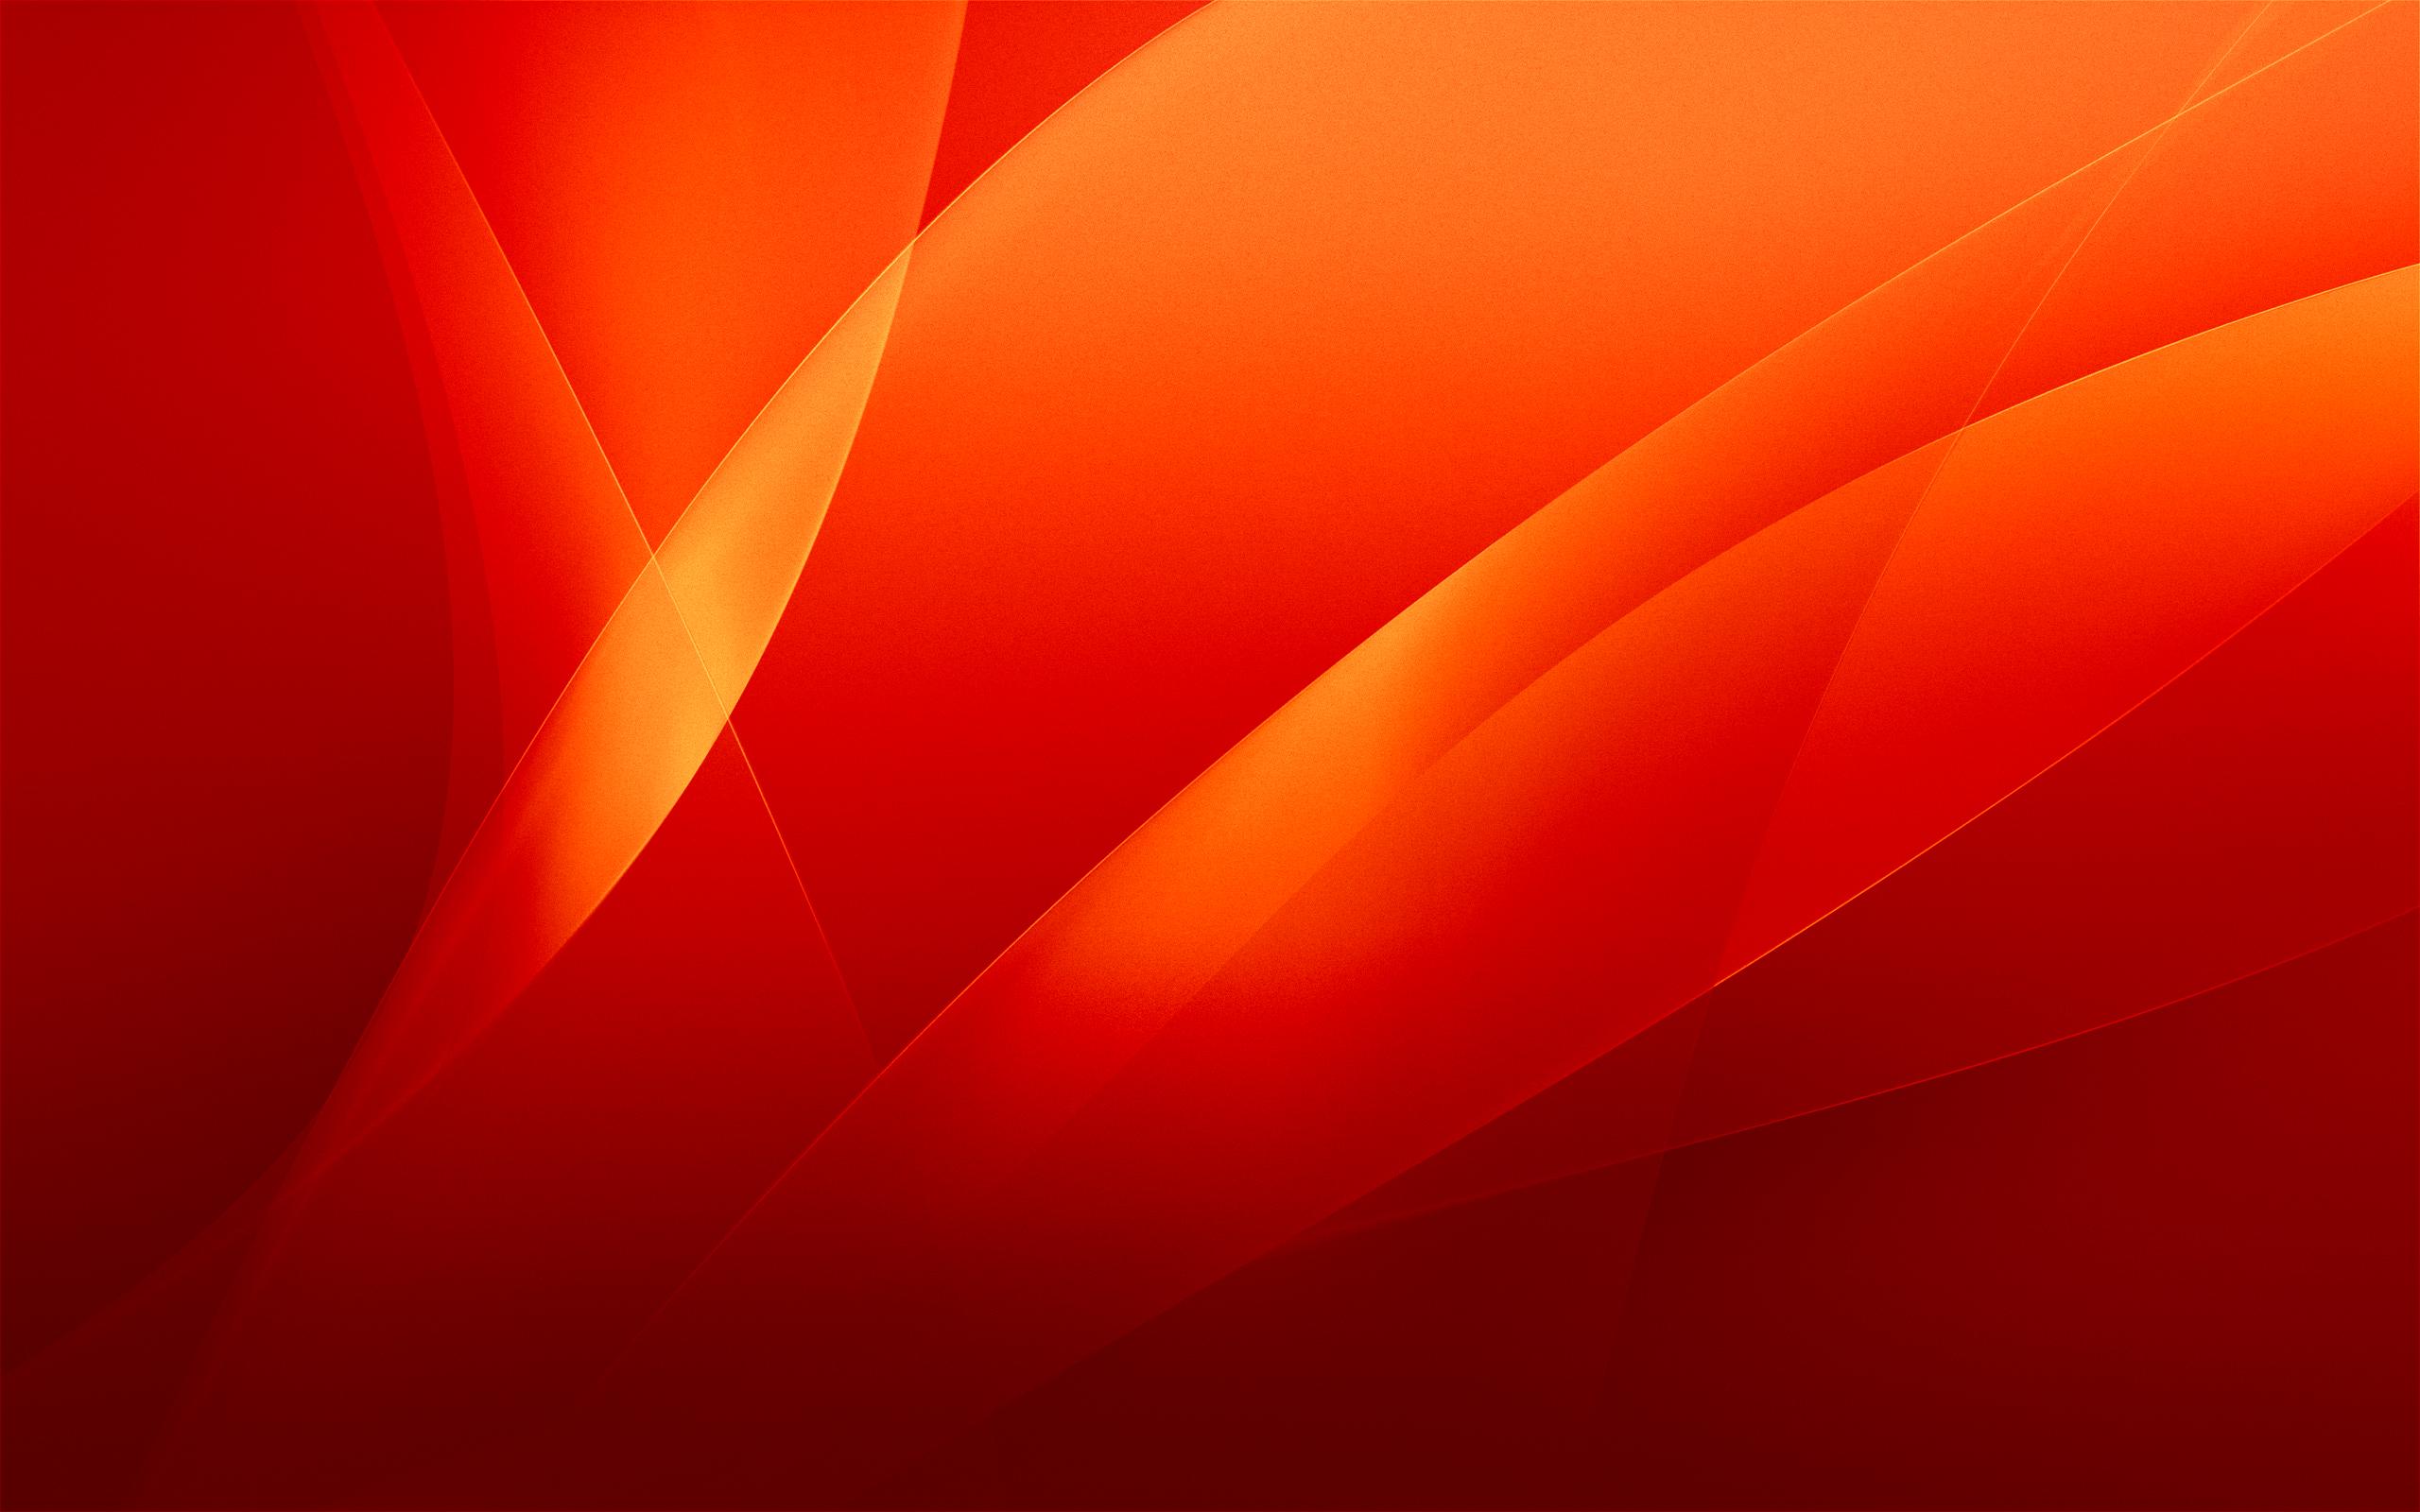 Red Background Wallpaper Dekstop 2560x1600